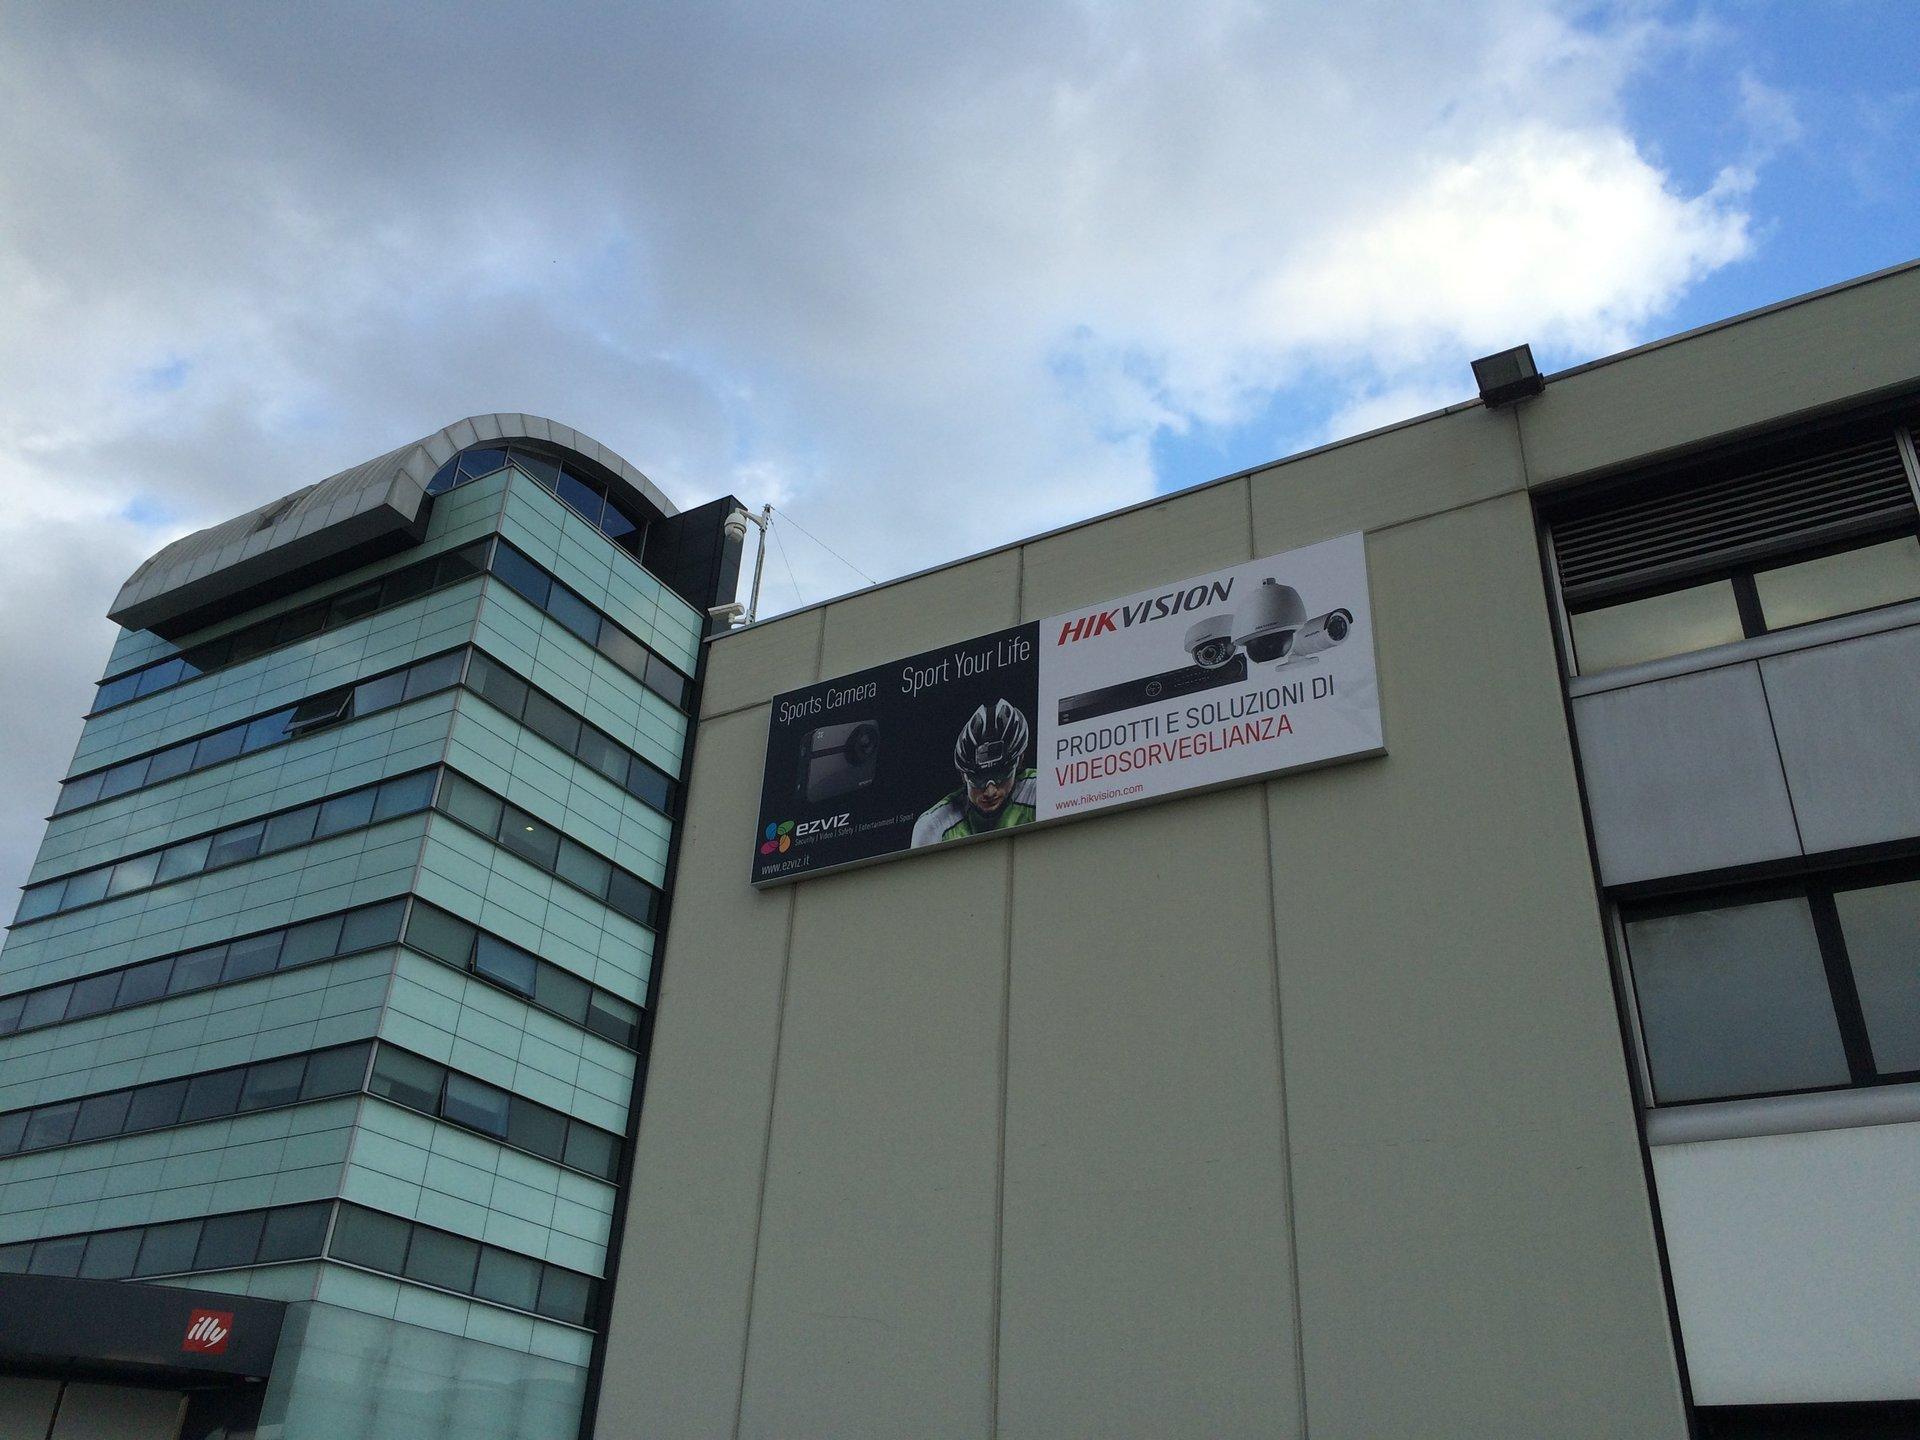 edificio con cartellone pubblicitario